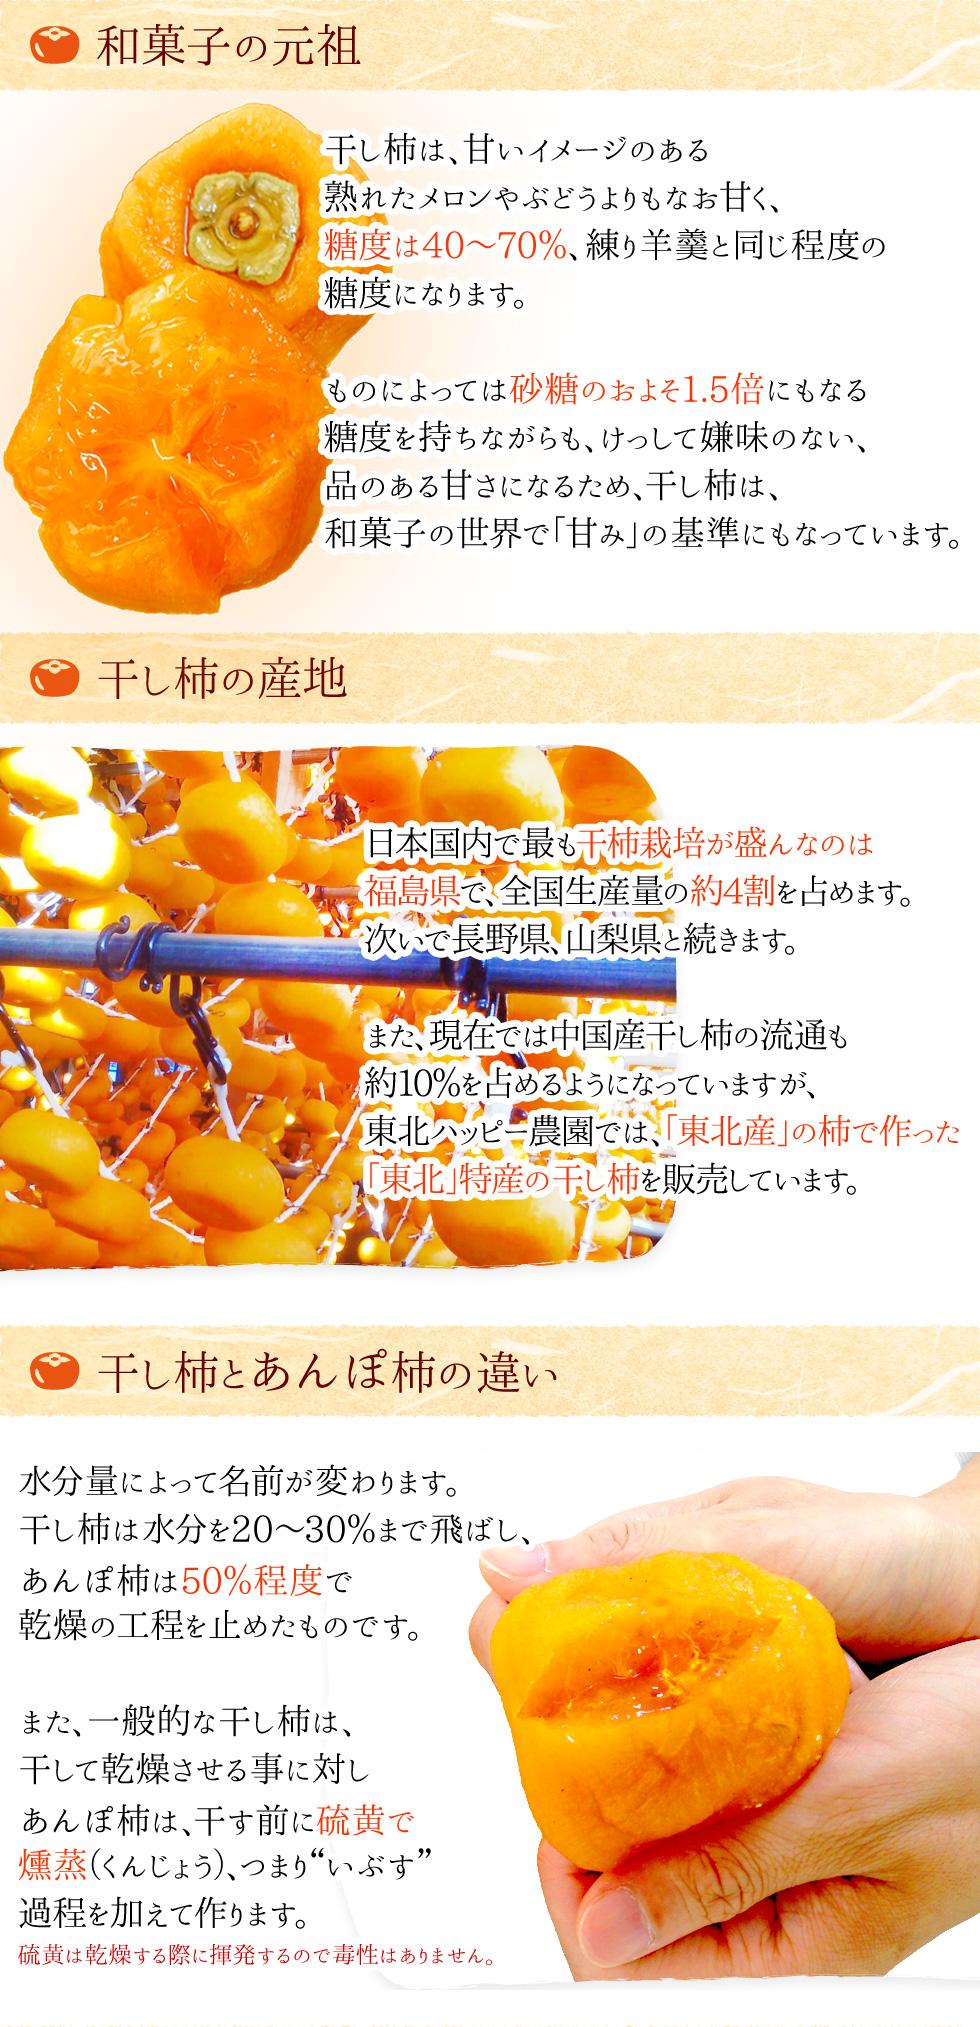 あんぽ柿の説明